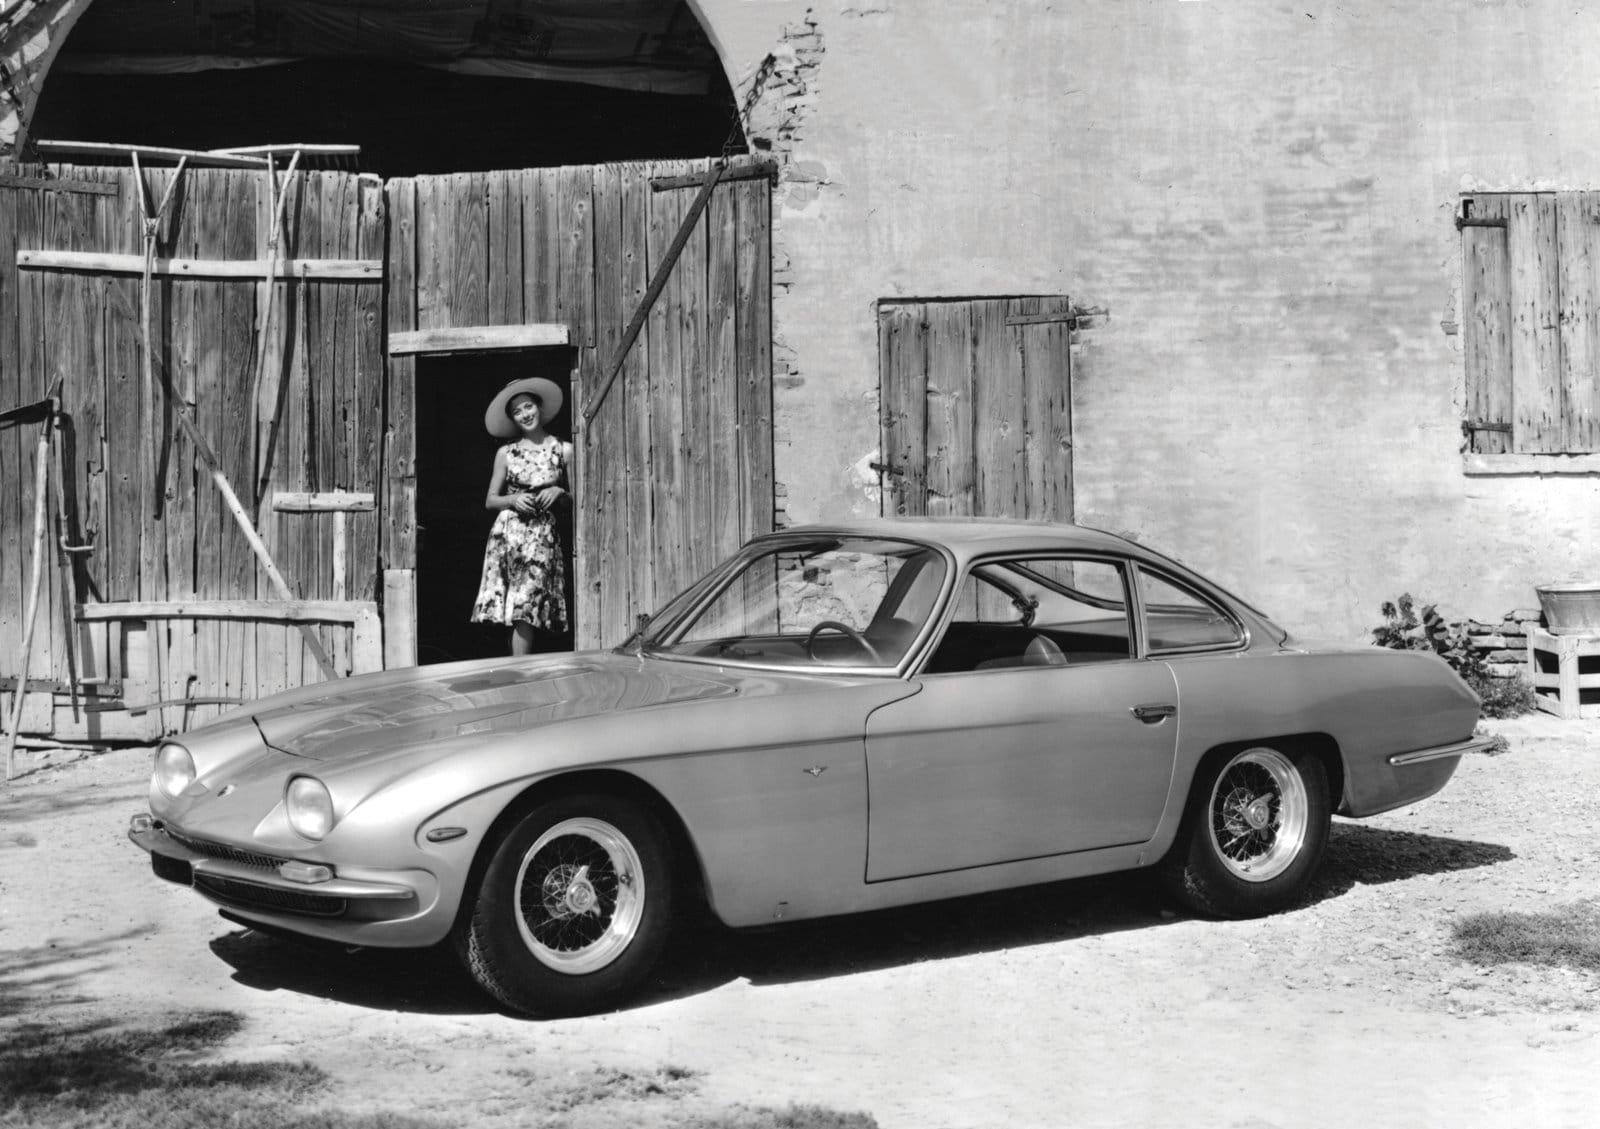 El coche más antiguo oon motor V12 de Lamborghini